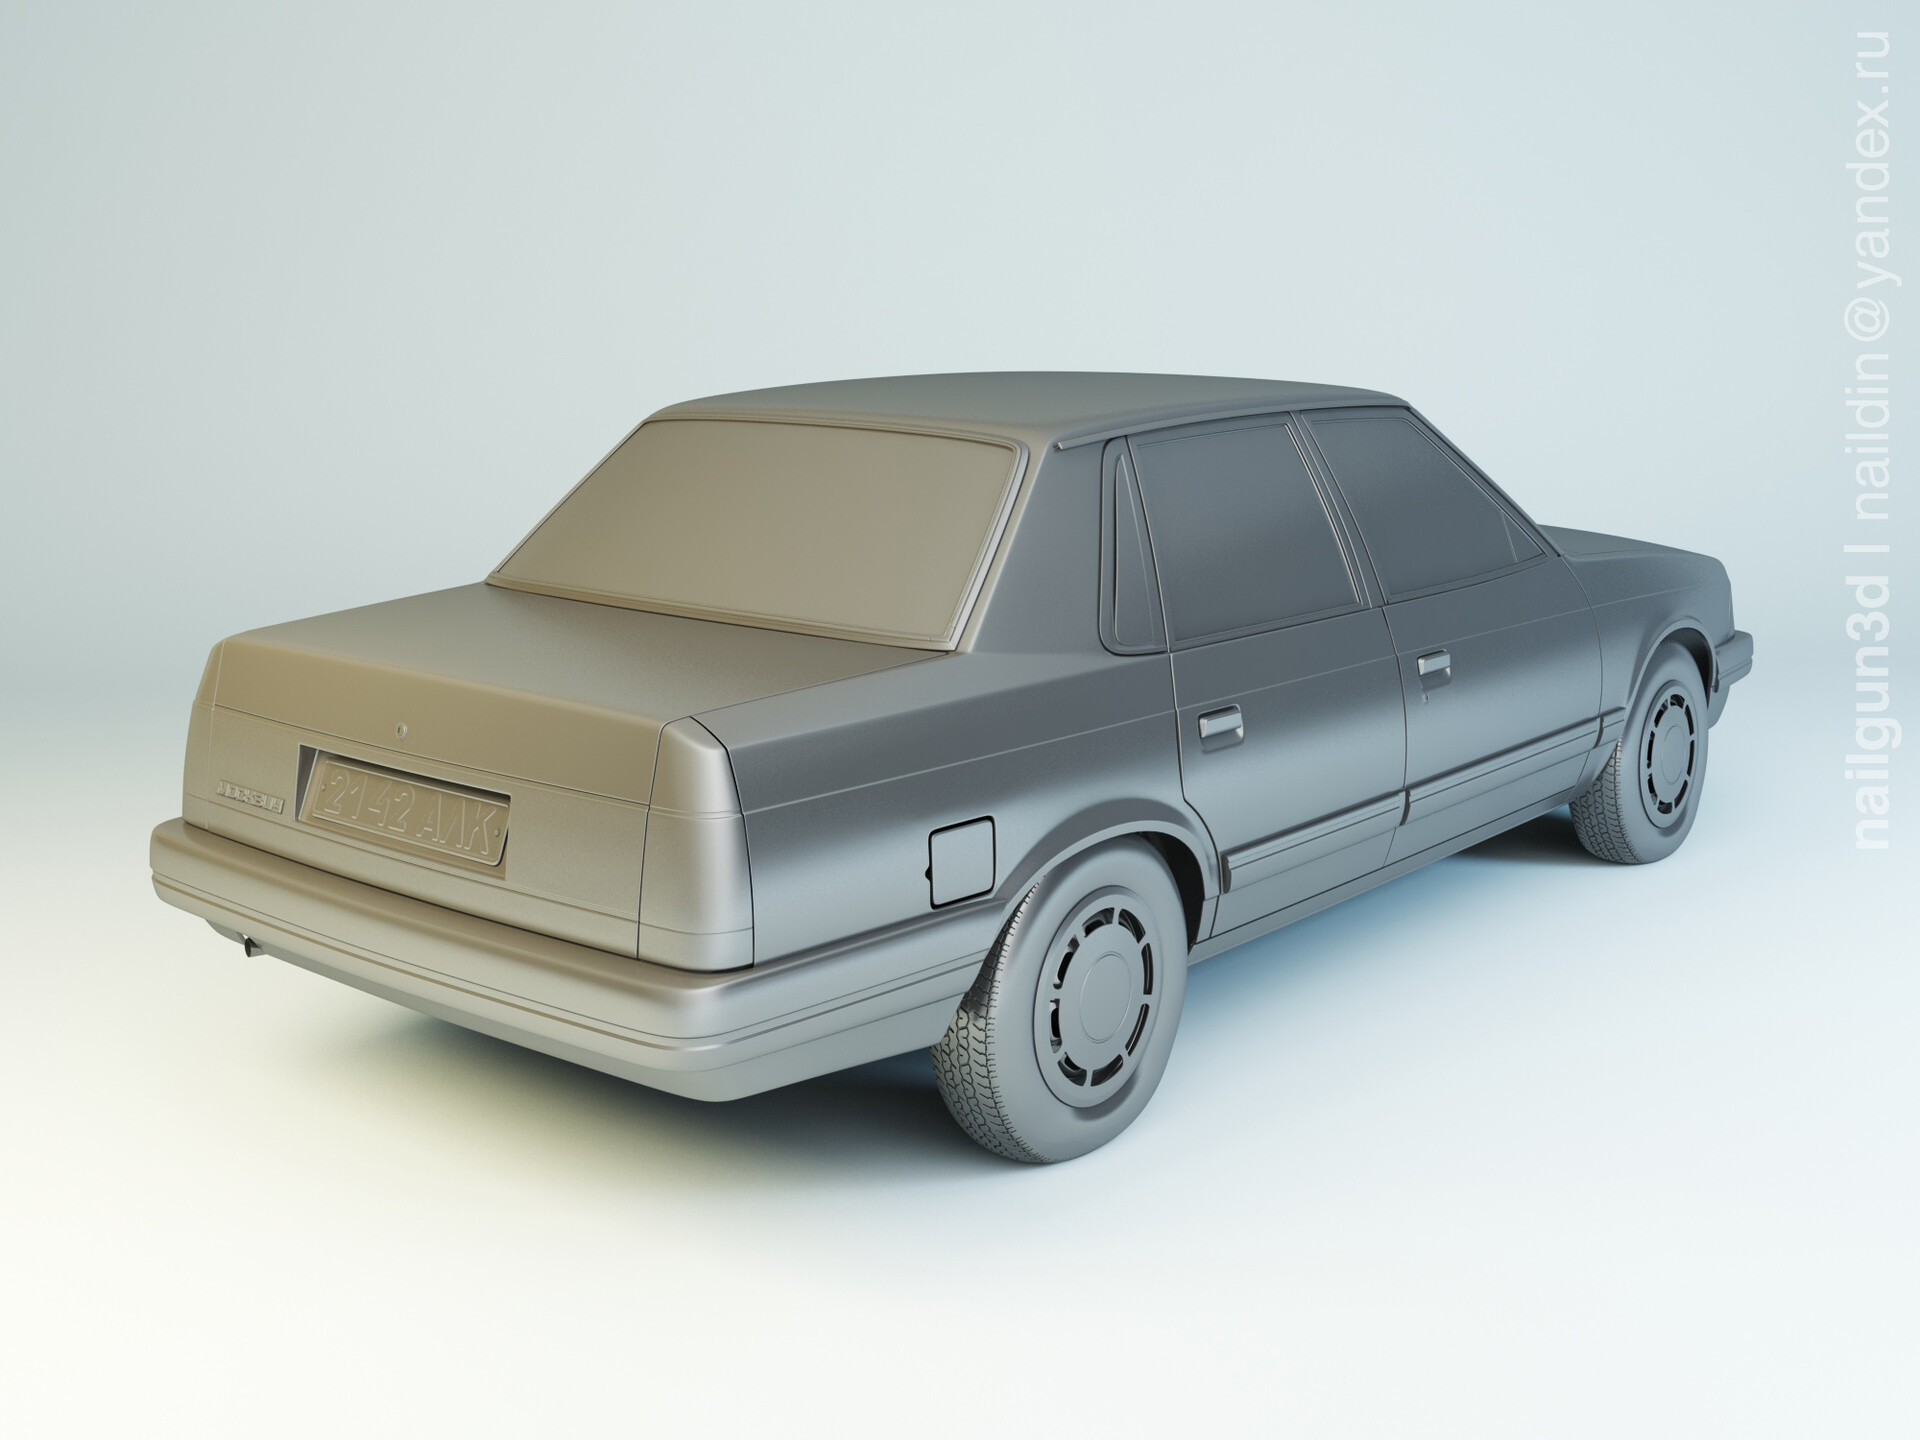 Nail khusnutdinov als 240 006 azlk 2142 moskvitch modelling 1